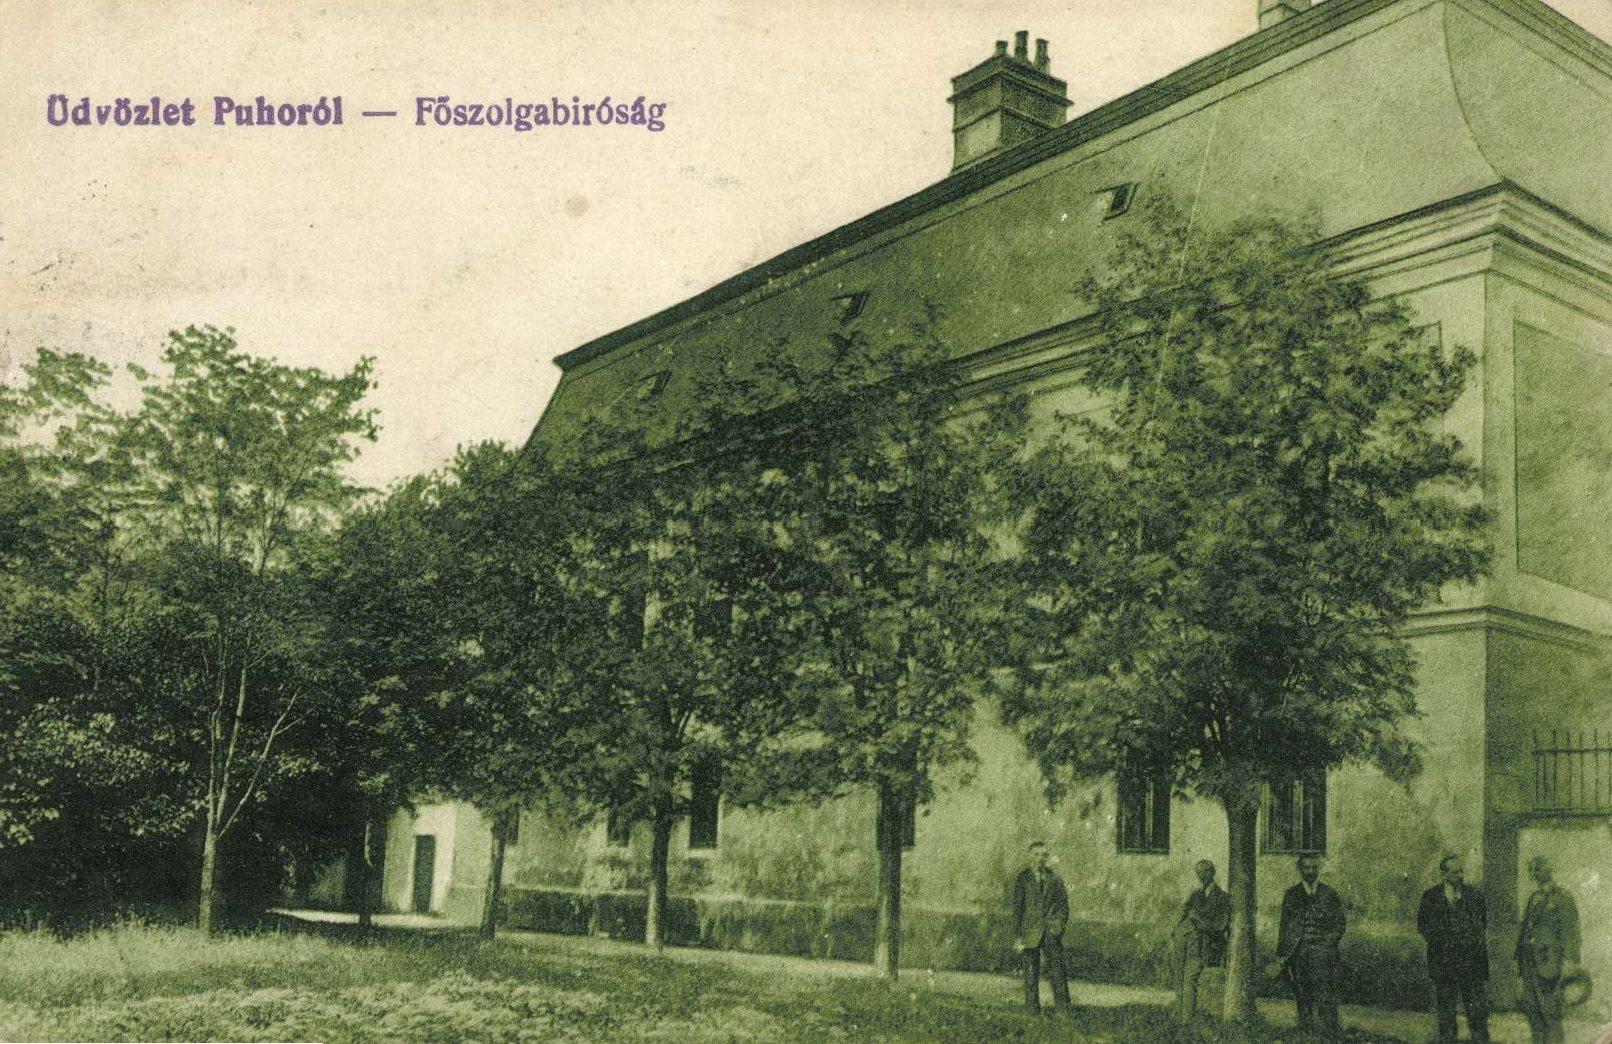 Na obrázku z prelomu 19. a 20. storočia je vidieť, že najstaršia budova v meste Púchov - Župný dom, slúžila ako tzv. Hlavný policajný súd